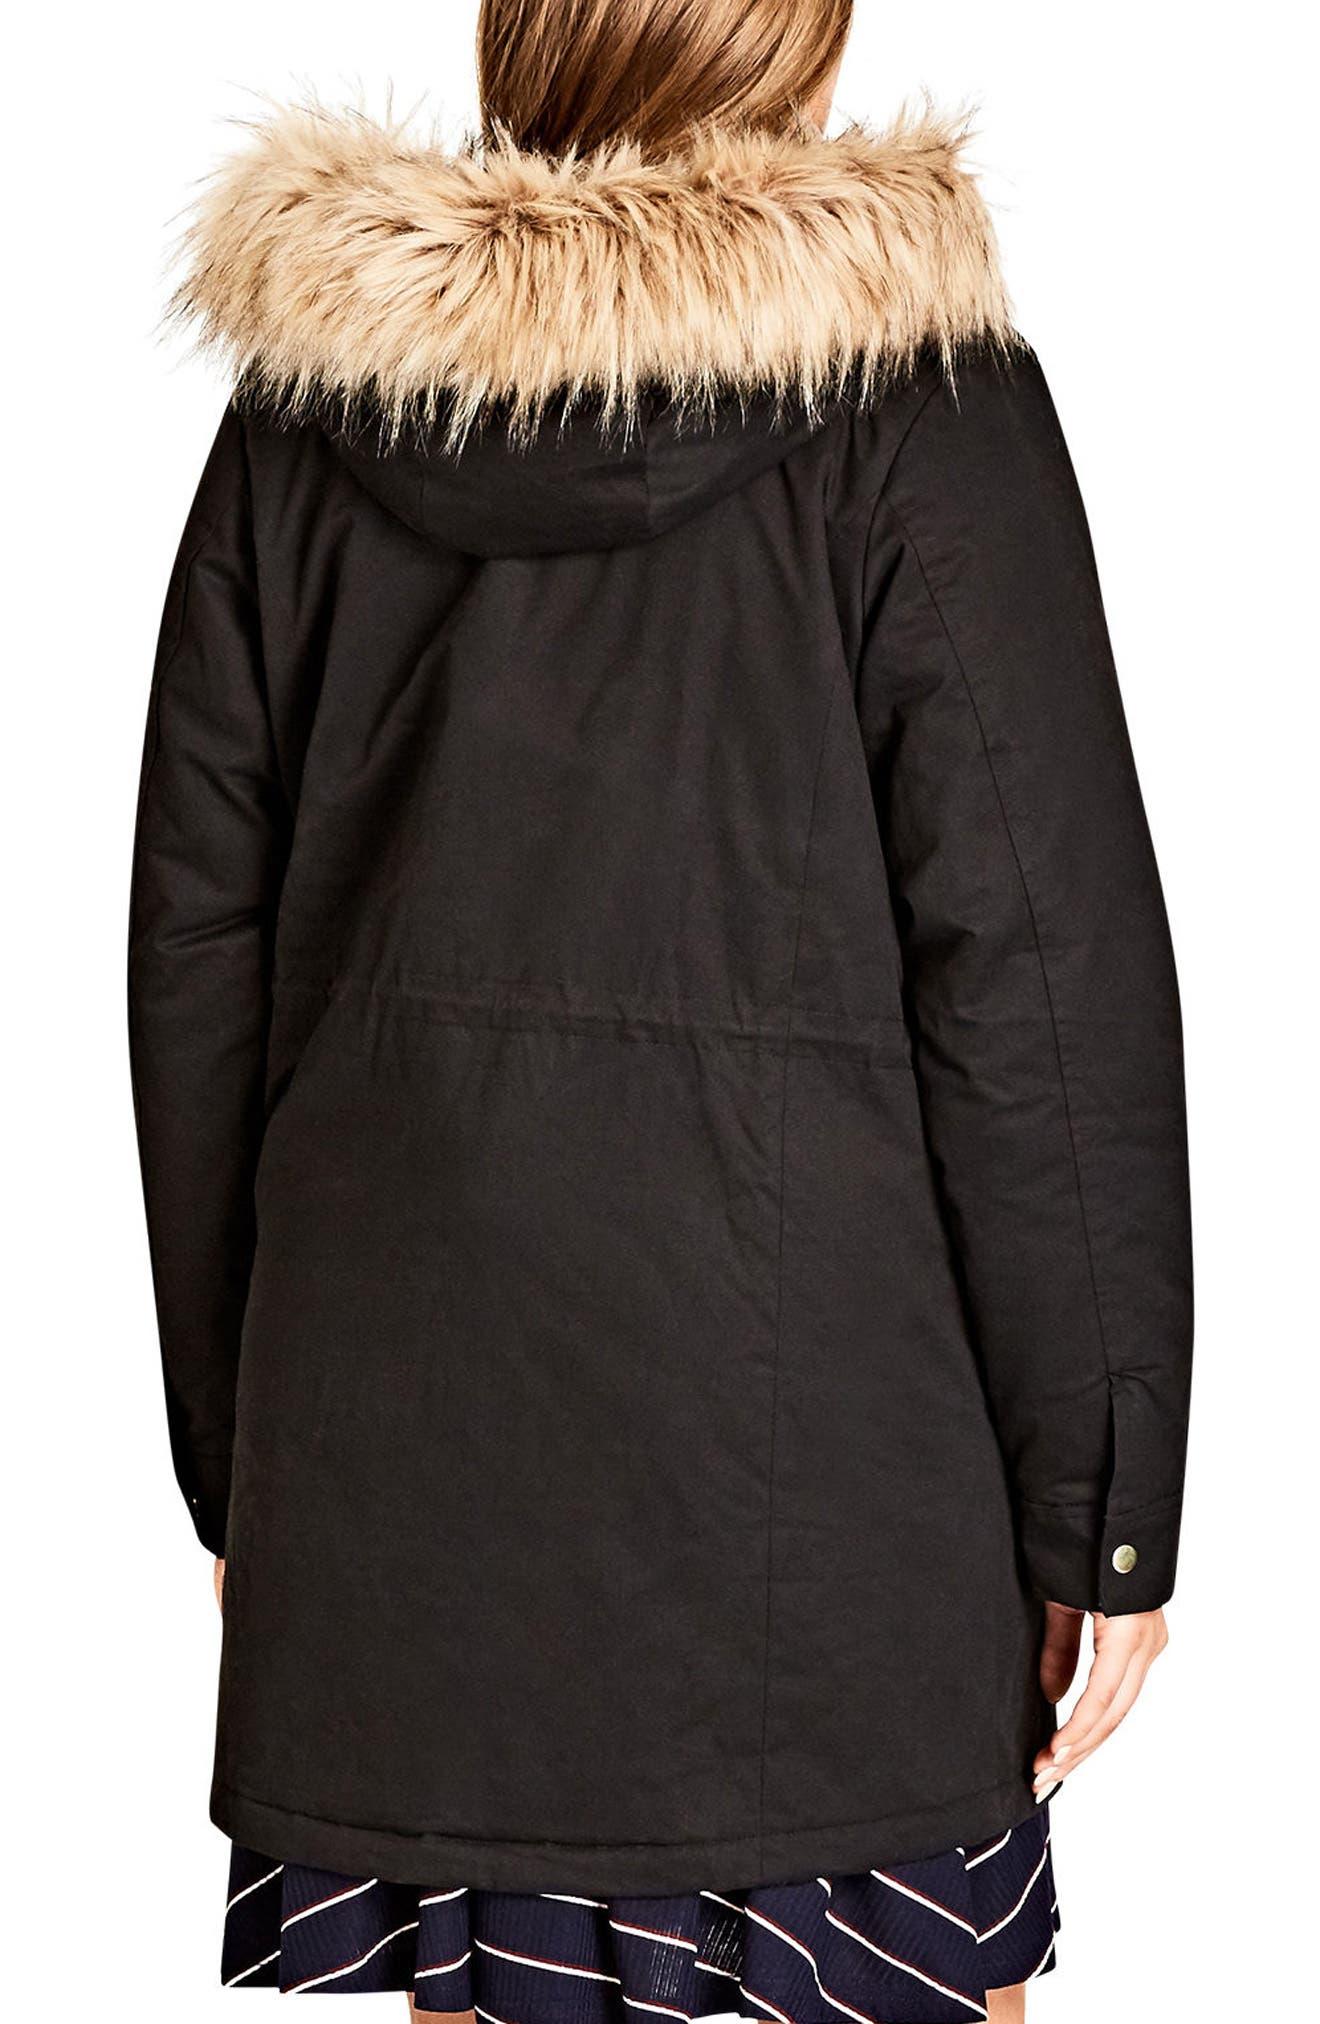 Alternate Image 2  - City Chic Snowed In Faux Fur Trim Parka (Plus Size)